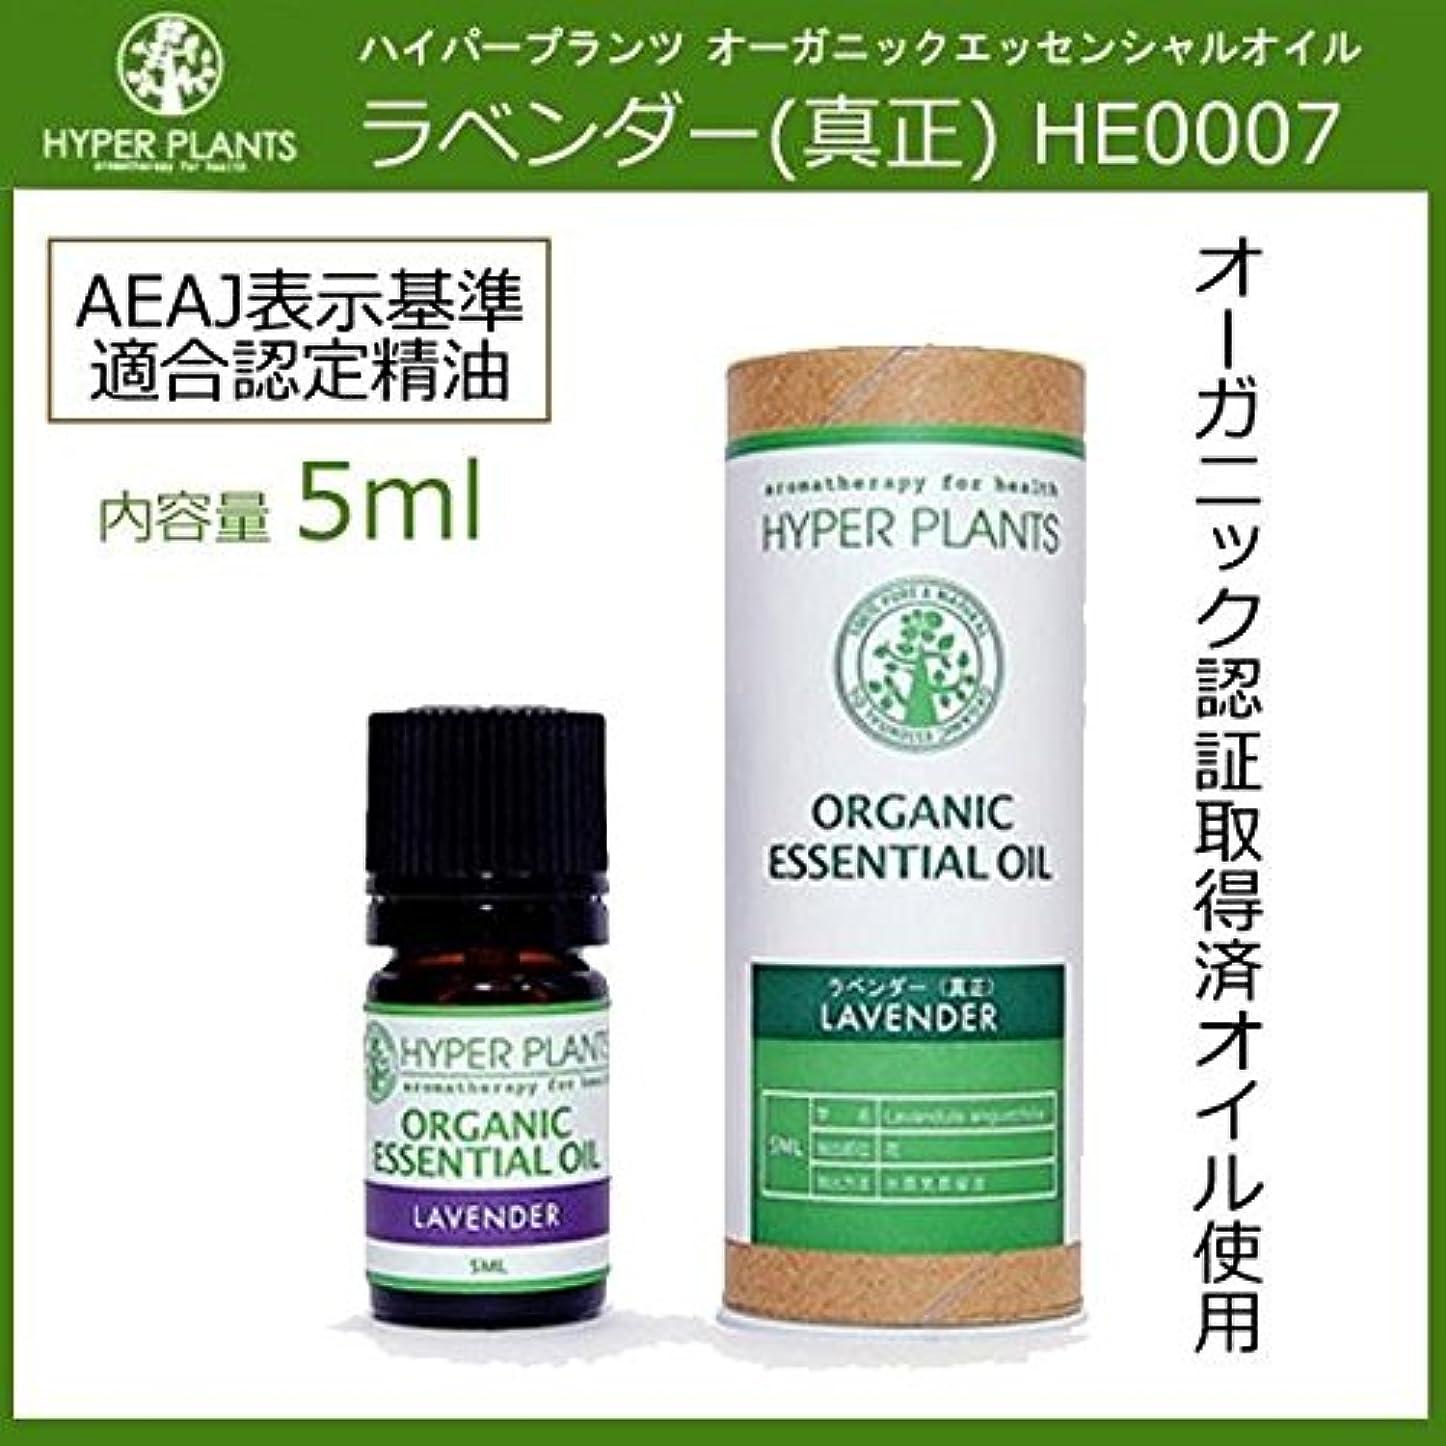 マネージャー類似性めまいがHYPER PLANTS ハイパープランツ オーガニックエッセンシャルオイル ラベンダー(真正) 5ml HE0007